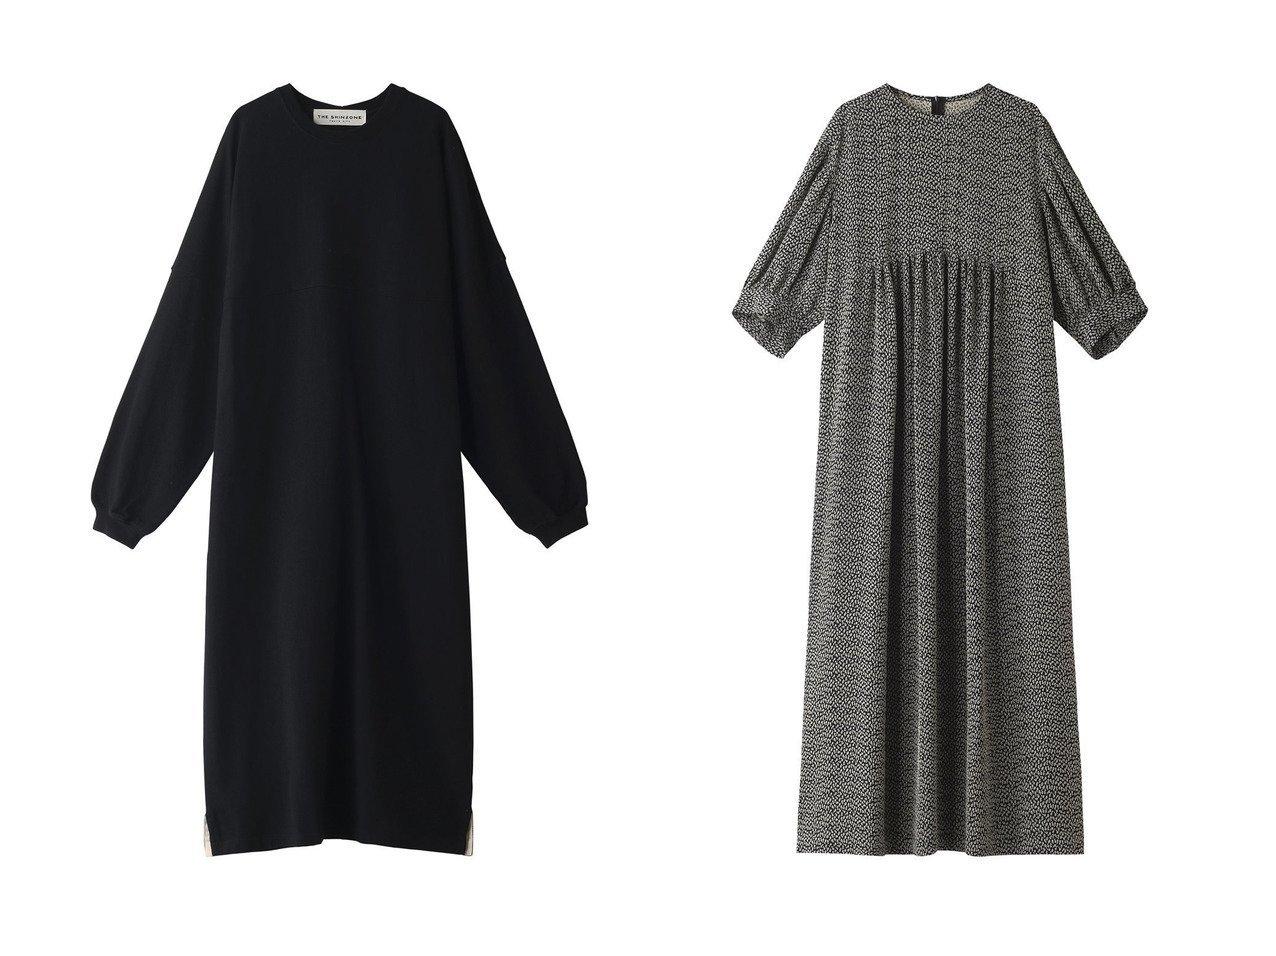 【Shinzone/シンゾーン】のバックポケットドレス&フラワージャカードドレス 【ワンピース・ドレス】おすすめ!人気、トレンド・レディースファッションの通販  おすすめで人気の流行・トレンド、ファッションの通販商品 インテリア・家具・メンズファッション・キッズファッション・レディースファッション・服の通販 founy(ファニー) https://founy.com/ ファッション Fashion レディースファッション WOMEN ワンピース Dress ドレス Party Dresses チュニック Tunic 2020年 2020 2020-2021秋冬・A/W AW・Autumn/Winter・FW・Fall-Winter/2020-2021 2021年 2021 2021-2022秋冬・A/W AW・Autumn/Winter・FW・Fall-Winter・2021-2022 A/W・秋冬 AW・Autumn/Winter・FW・Fall-Winter シューズ シンプル スニーカー チュニック トレンド ドレス フラット フロント ポケット なめらか ジャカード フラワー マキシ ロング  ID:crp329100000062970